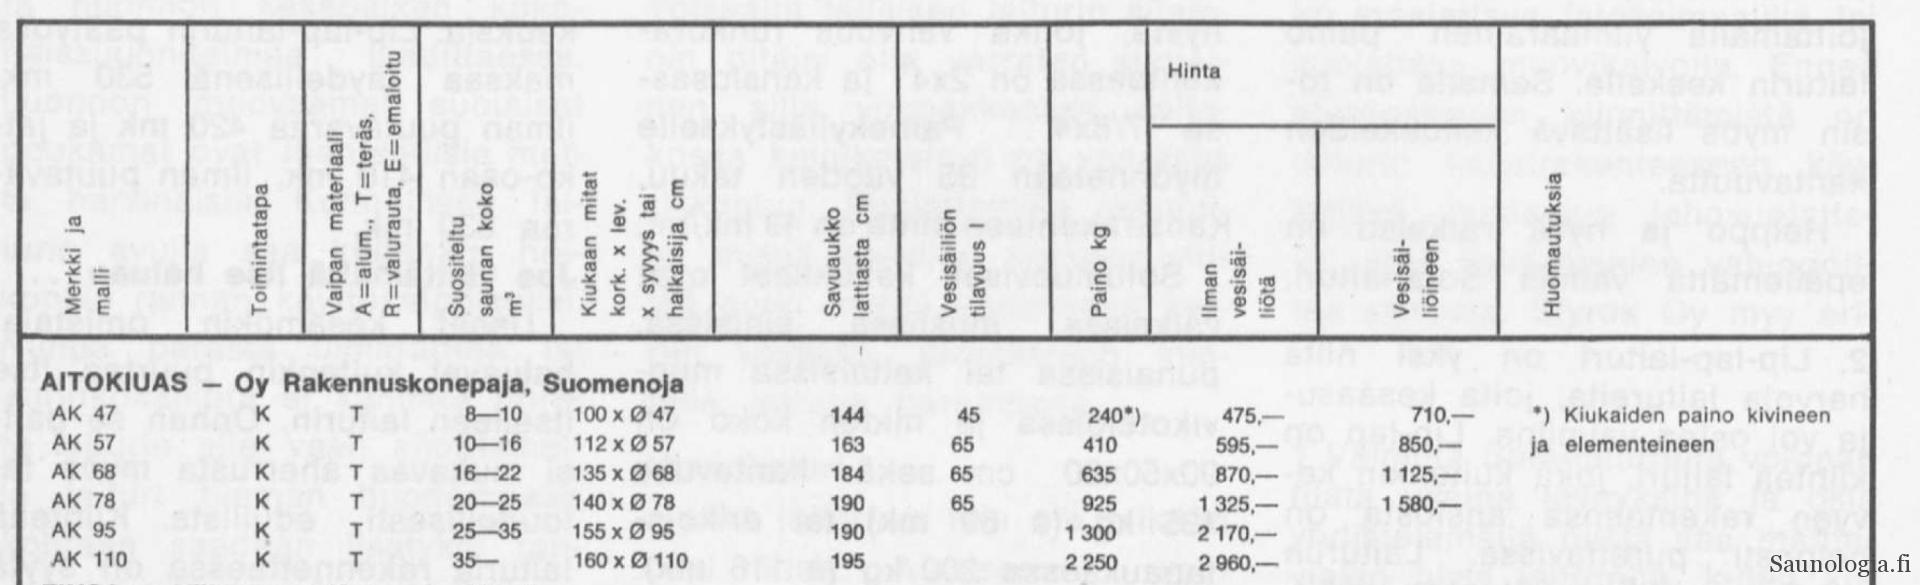 1972-Aitokiuas-tekniset-tiedot-hinta